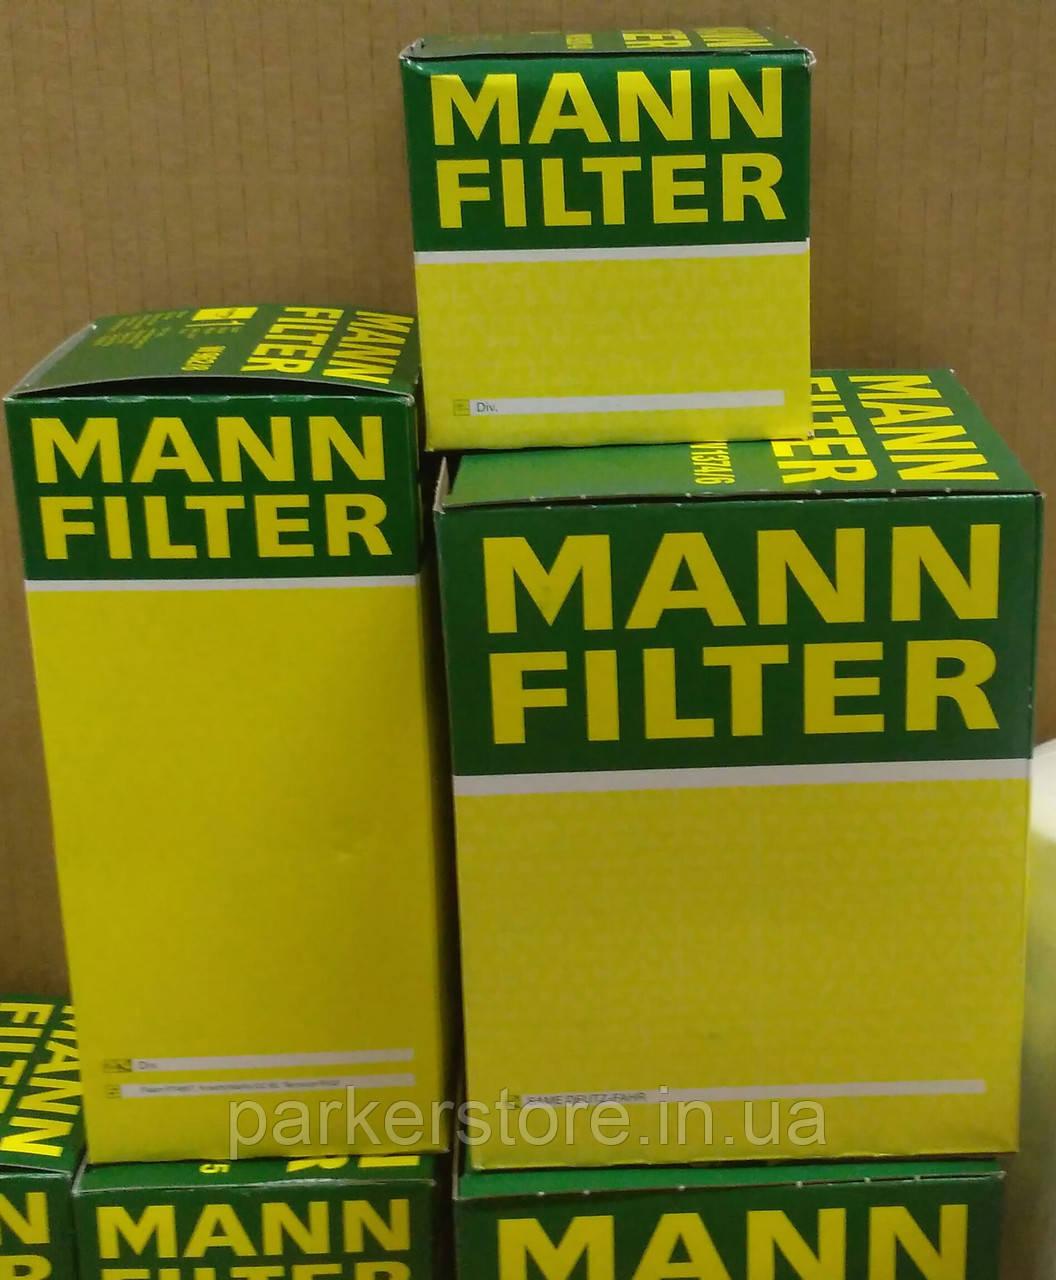 MANN FILTER / Повітряний фільтр / C 15 200 / C15200